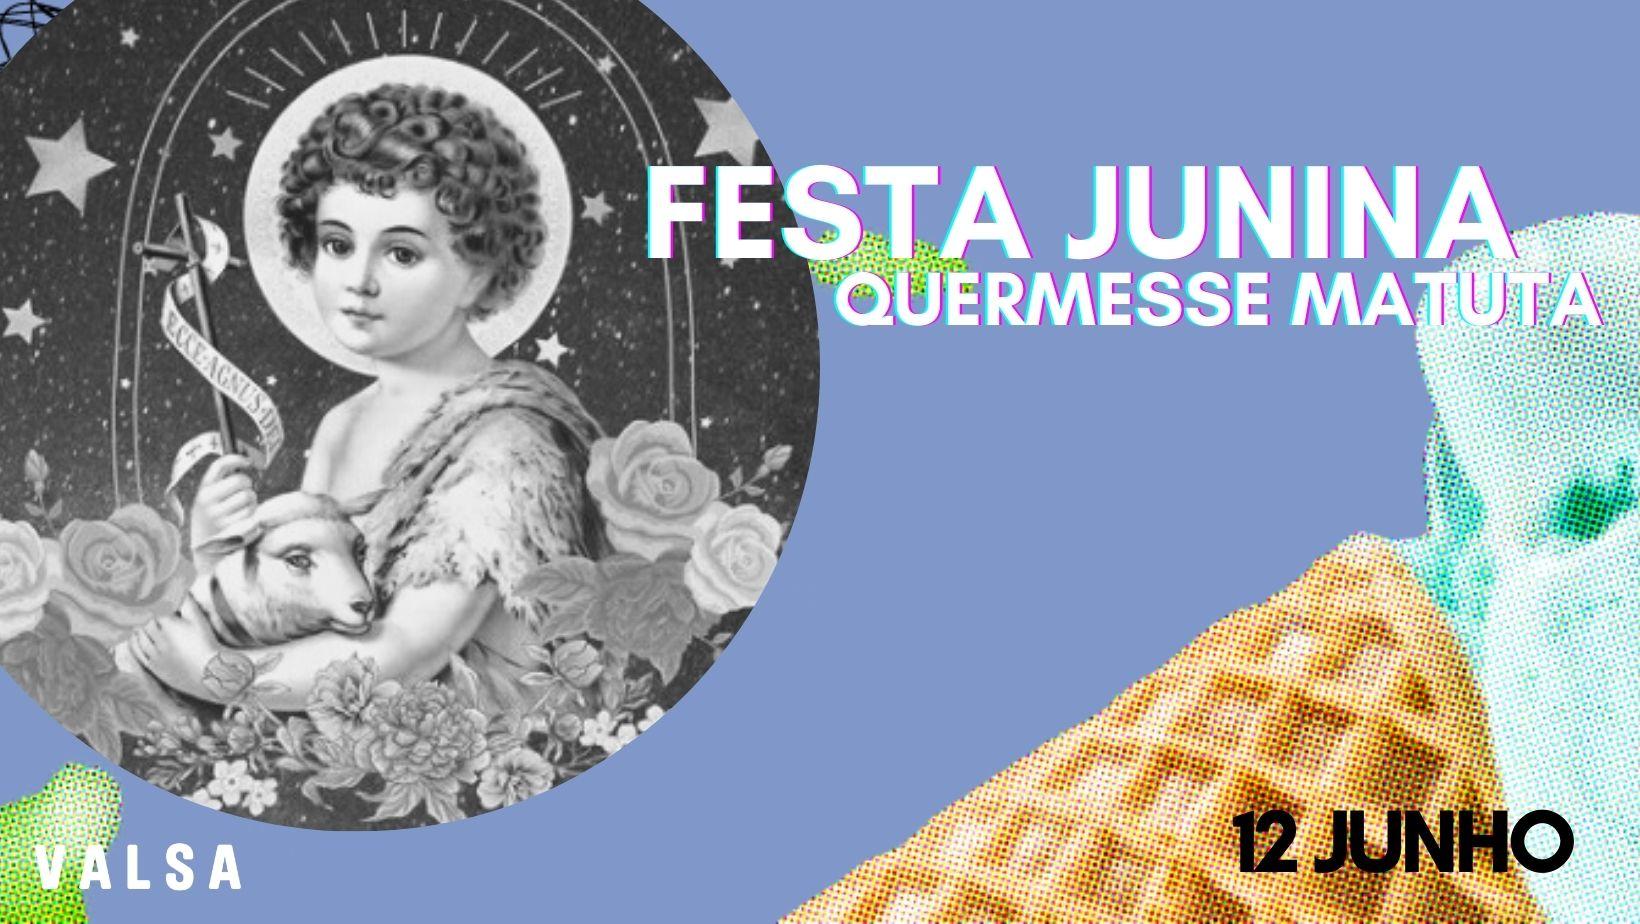 FESTA JUNINA | quermesse matuta